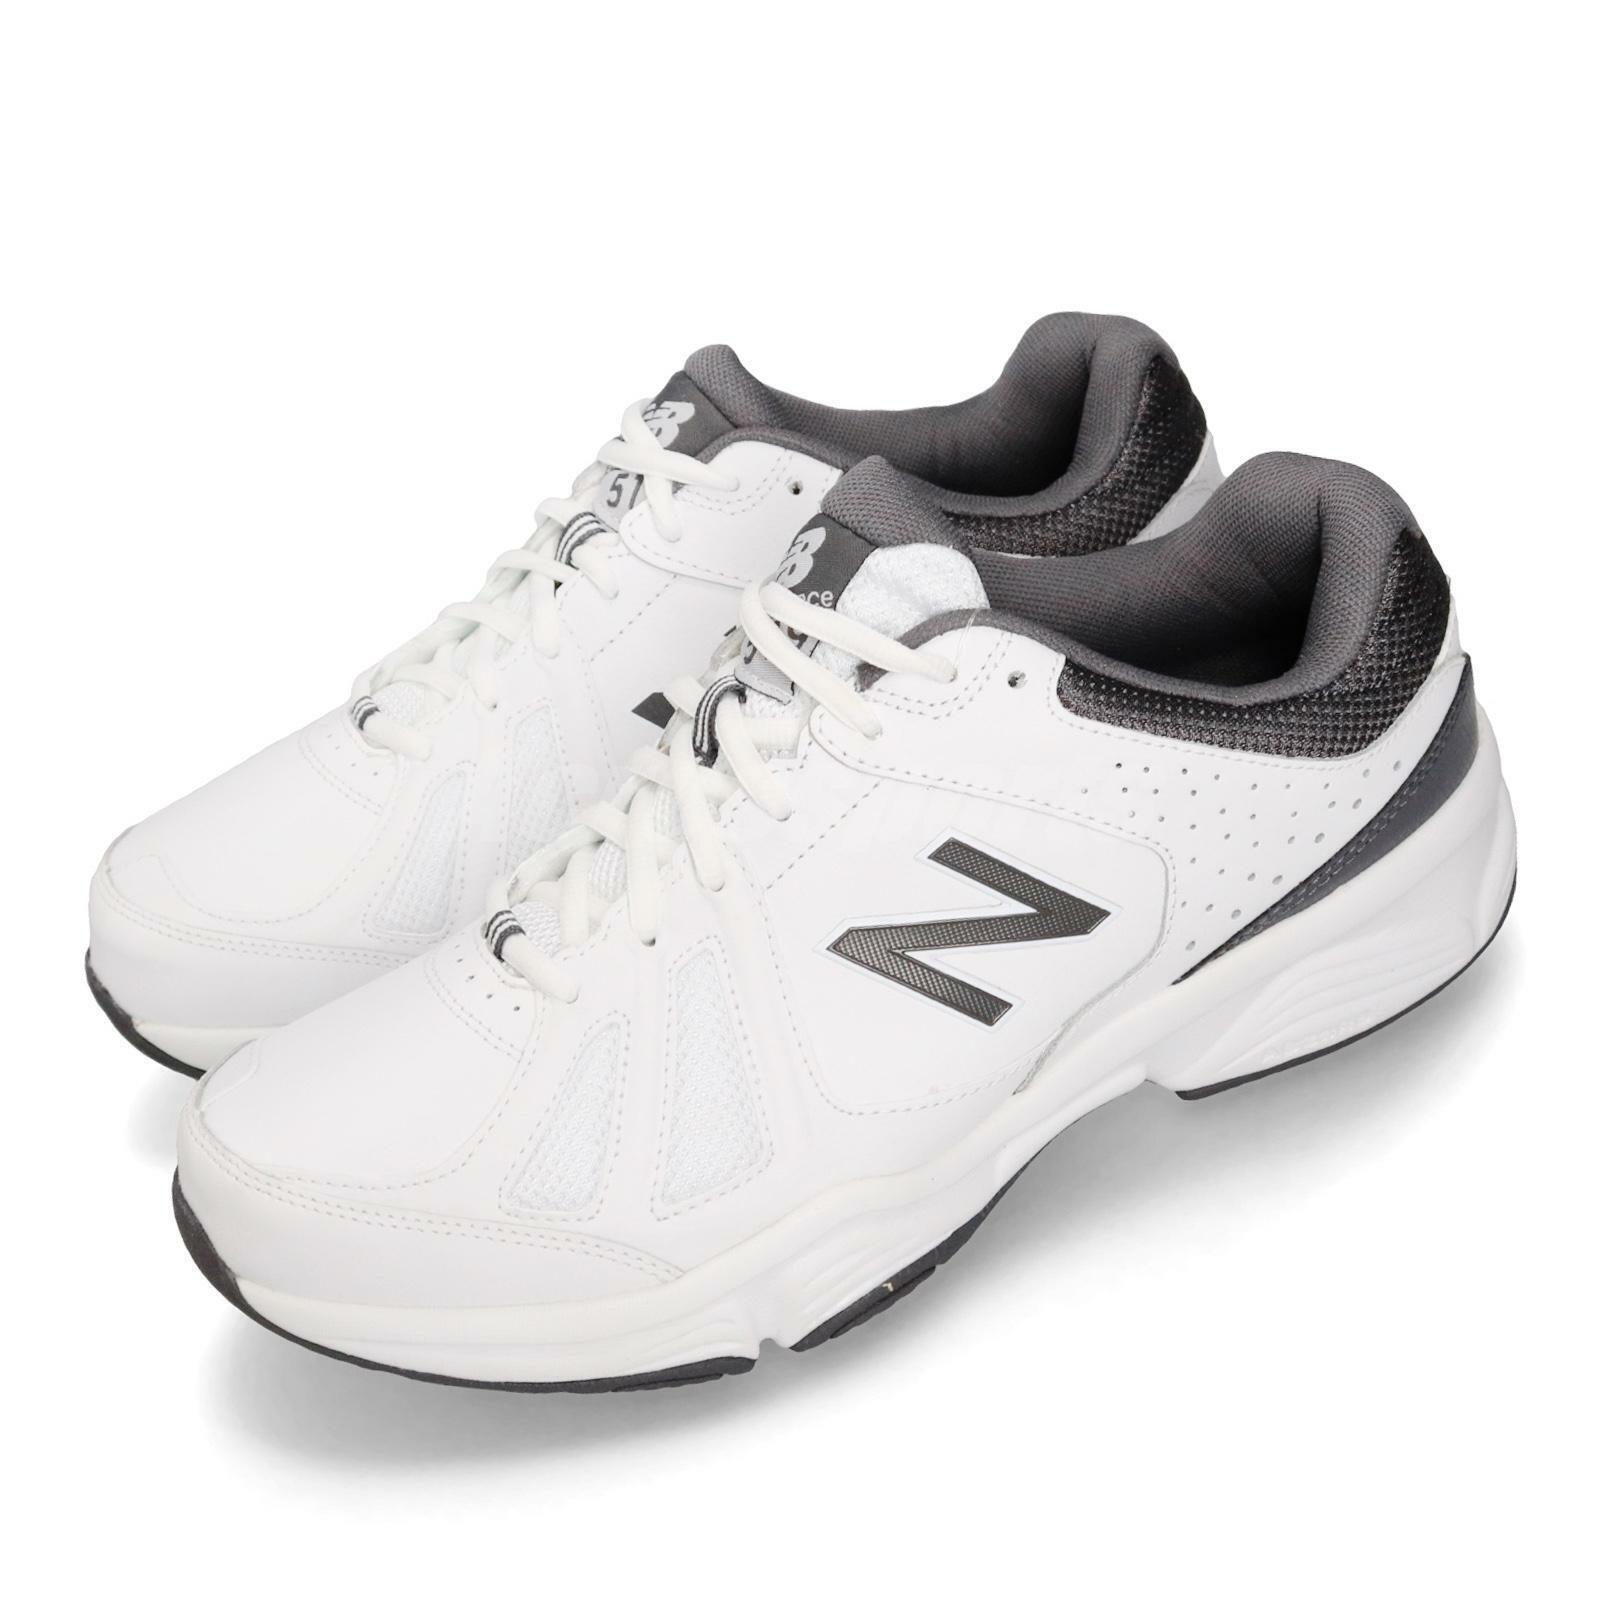 MX519WG2 4E  Extra Ancho New Equilibrar gris blancoo Hombre Calzado para Correr MX519WG24E  descuentos y mas